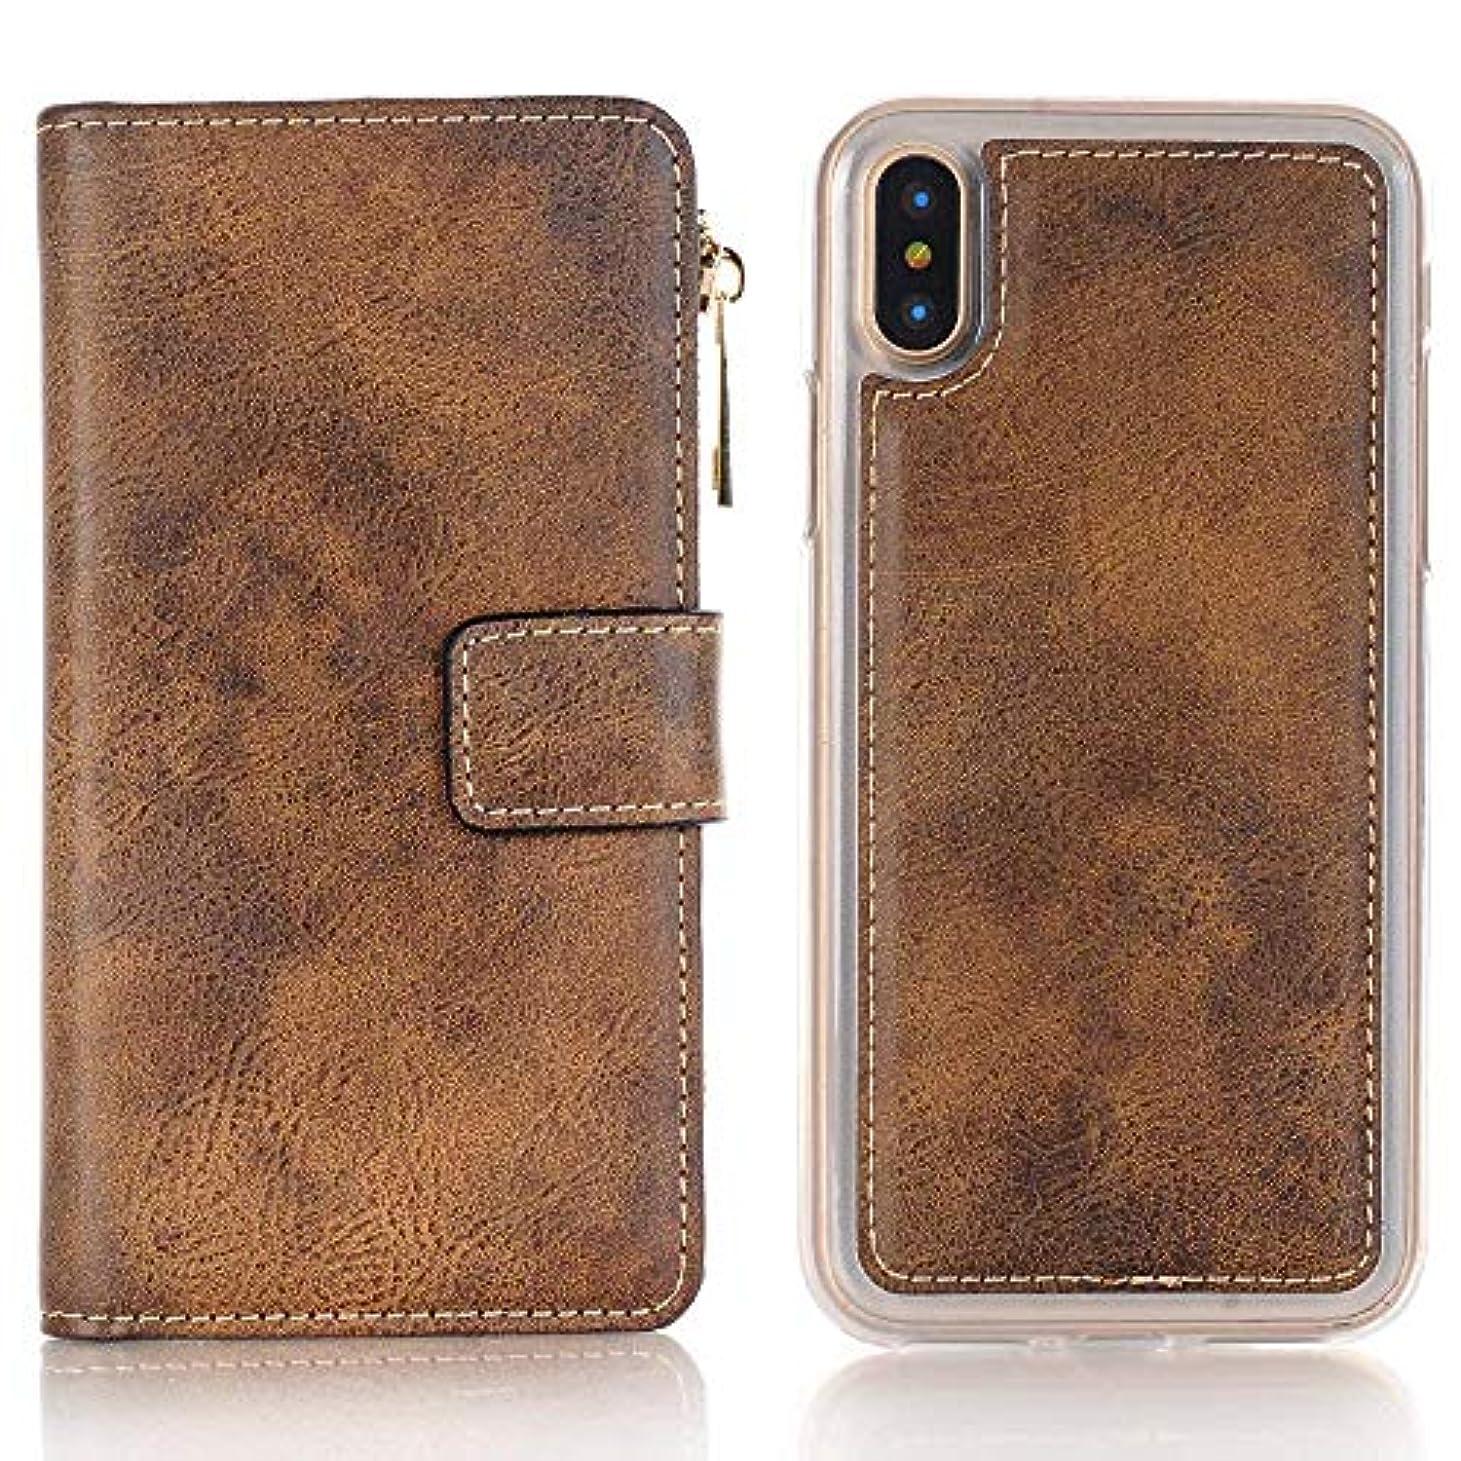 肉屋反響する有益iPhone ケース 手帳型 INorton 全面保護カバー 耐衝撃 レンズ保護 カード収納 分離式 高品質レザー シリコン 軽量 マグネット式